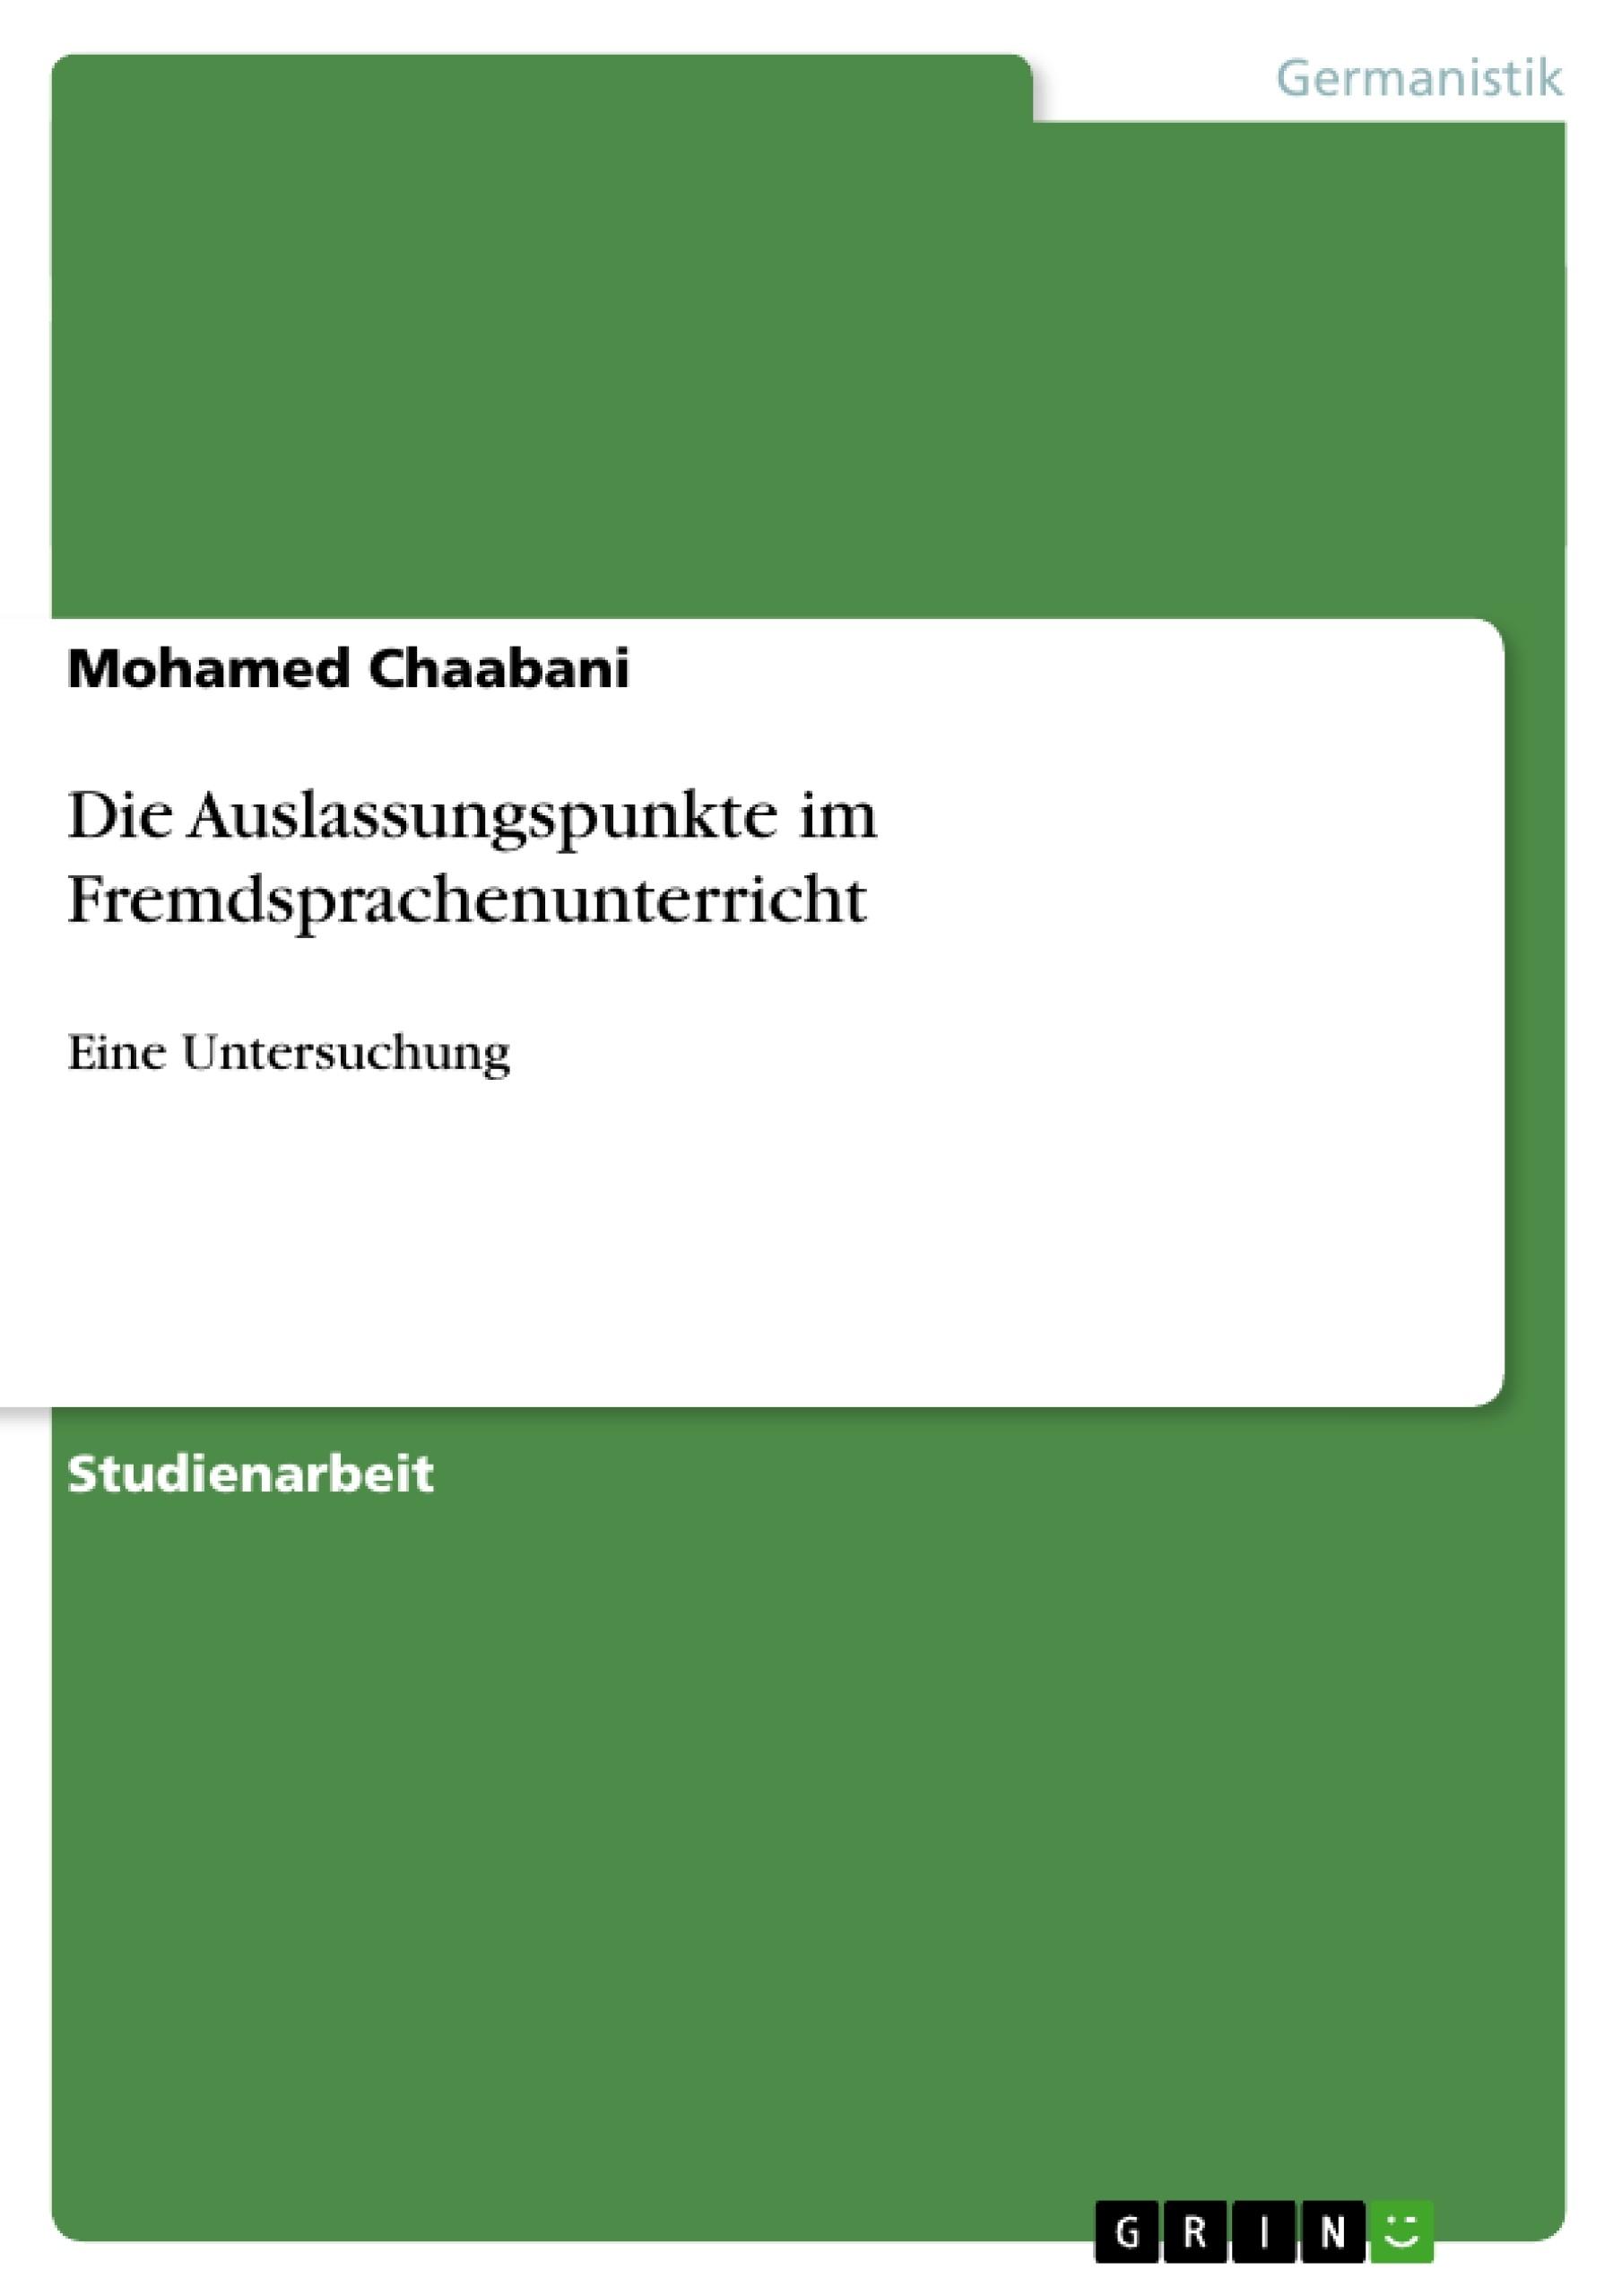 Titel: Die Auslassungspunkte im Fremdsprachenunterricht